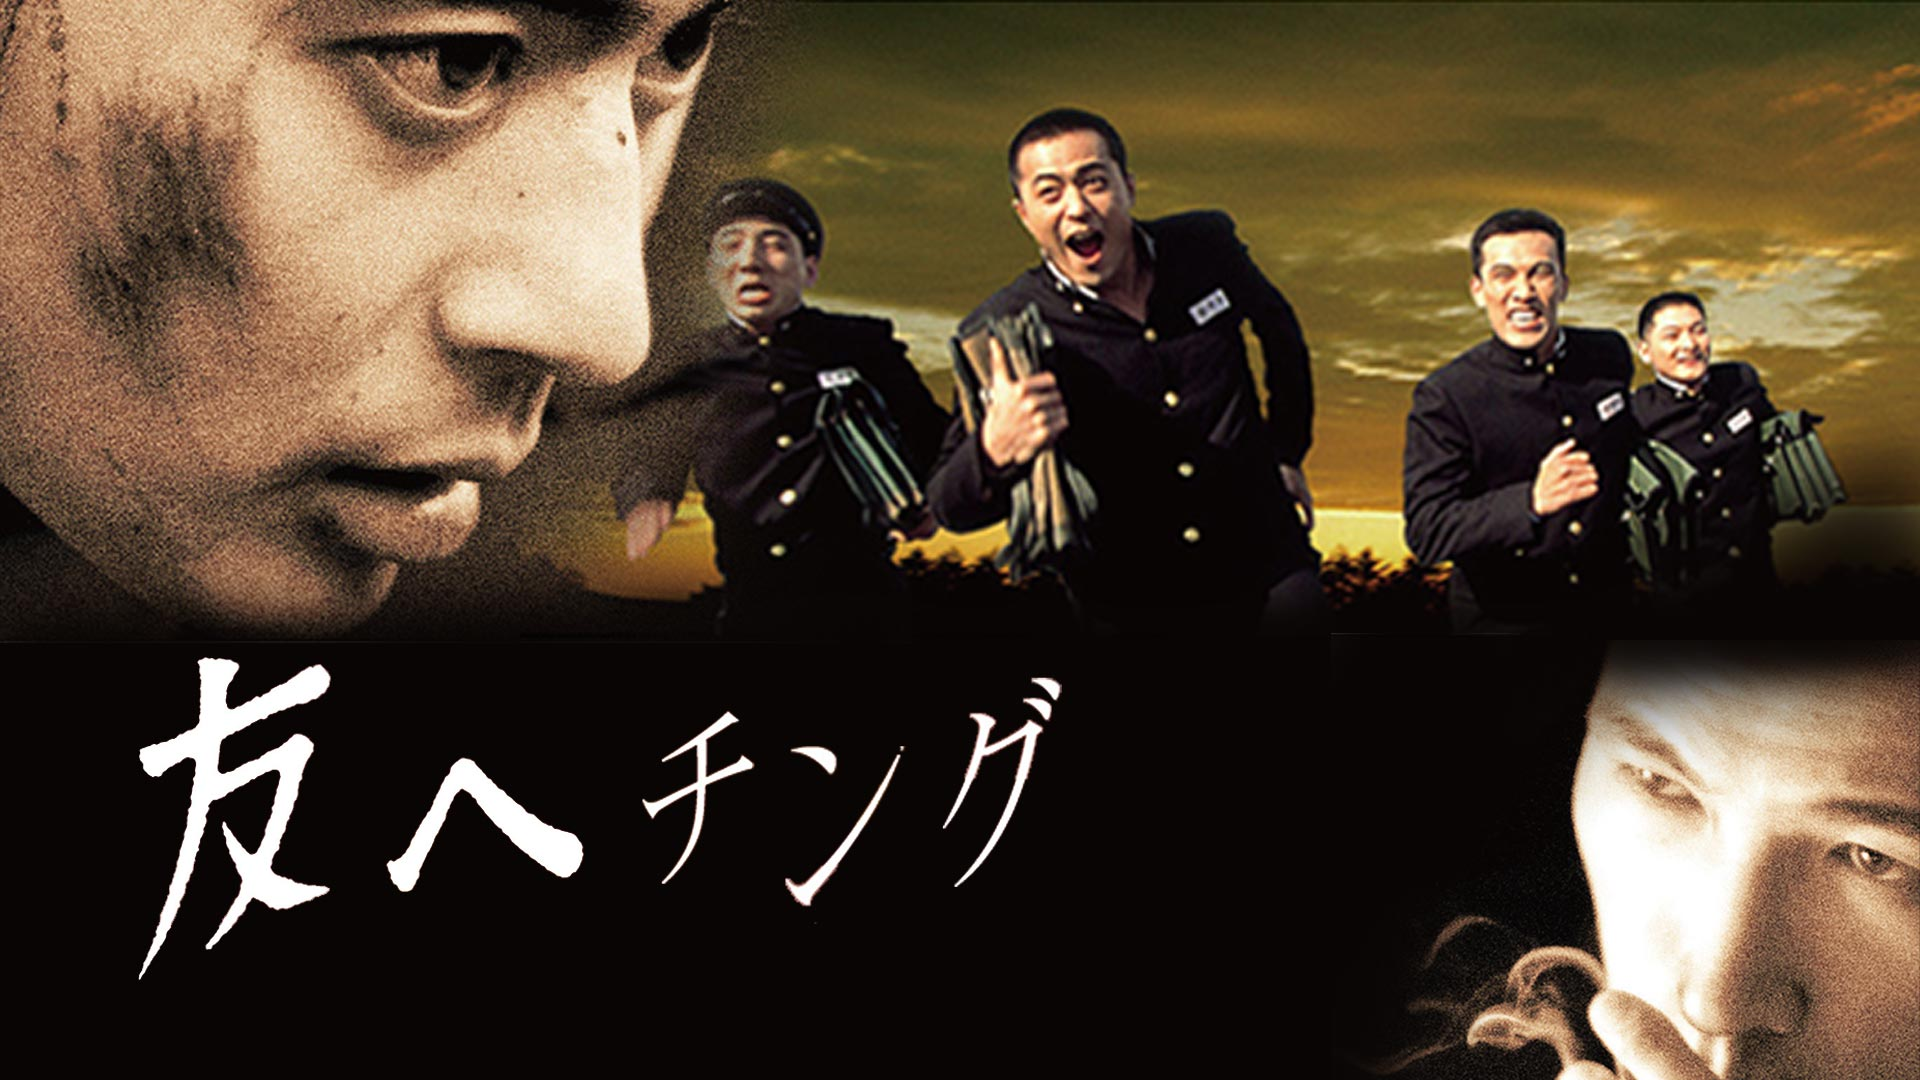 友へ チング(字幕版)